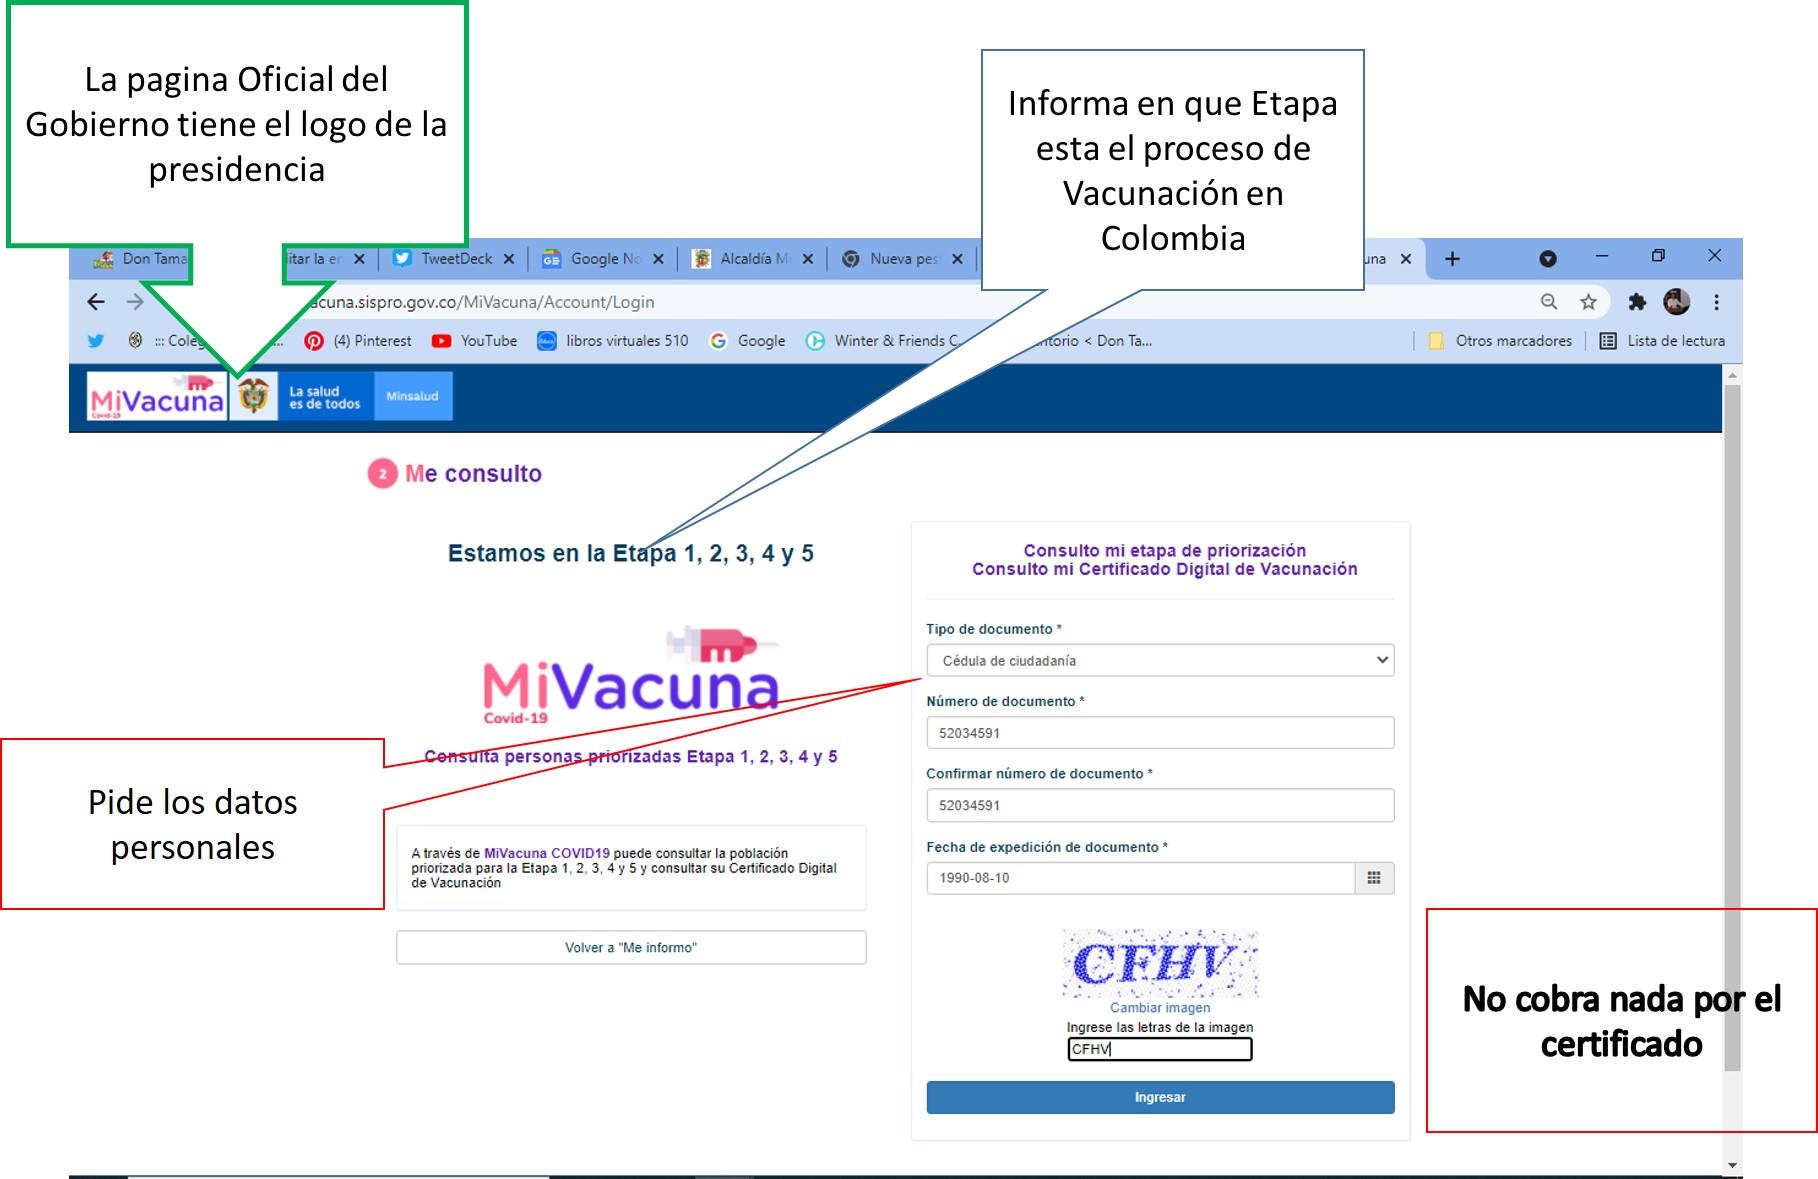 ¡Venga le cuento¡ El certificado digital de vacunación es gratuito 6